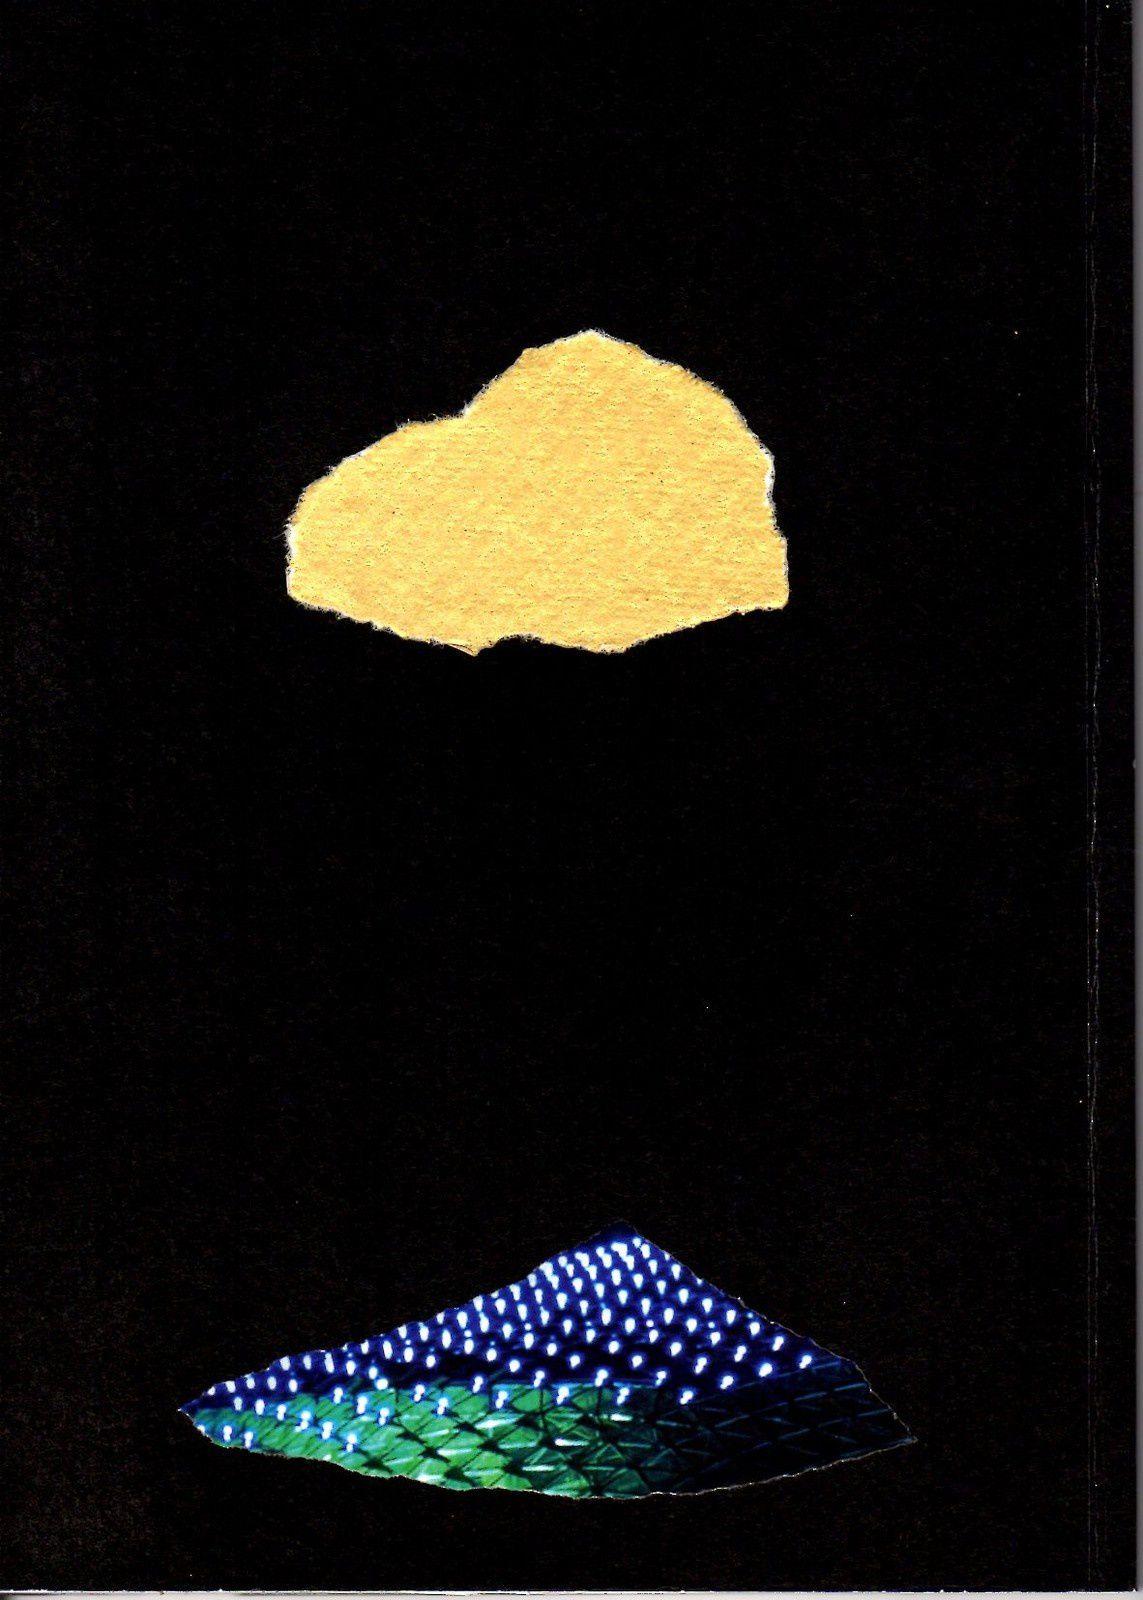 """Les Collages d'eMmA MessanA, carnet """"C'est beau paris la nuit"""", pièce unique (couverture verso) © eMmA MessanA"""